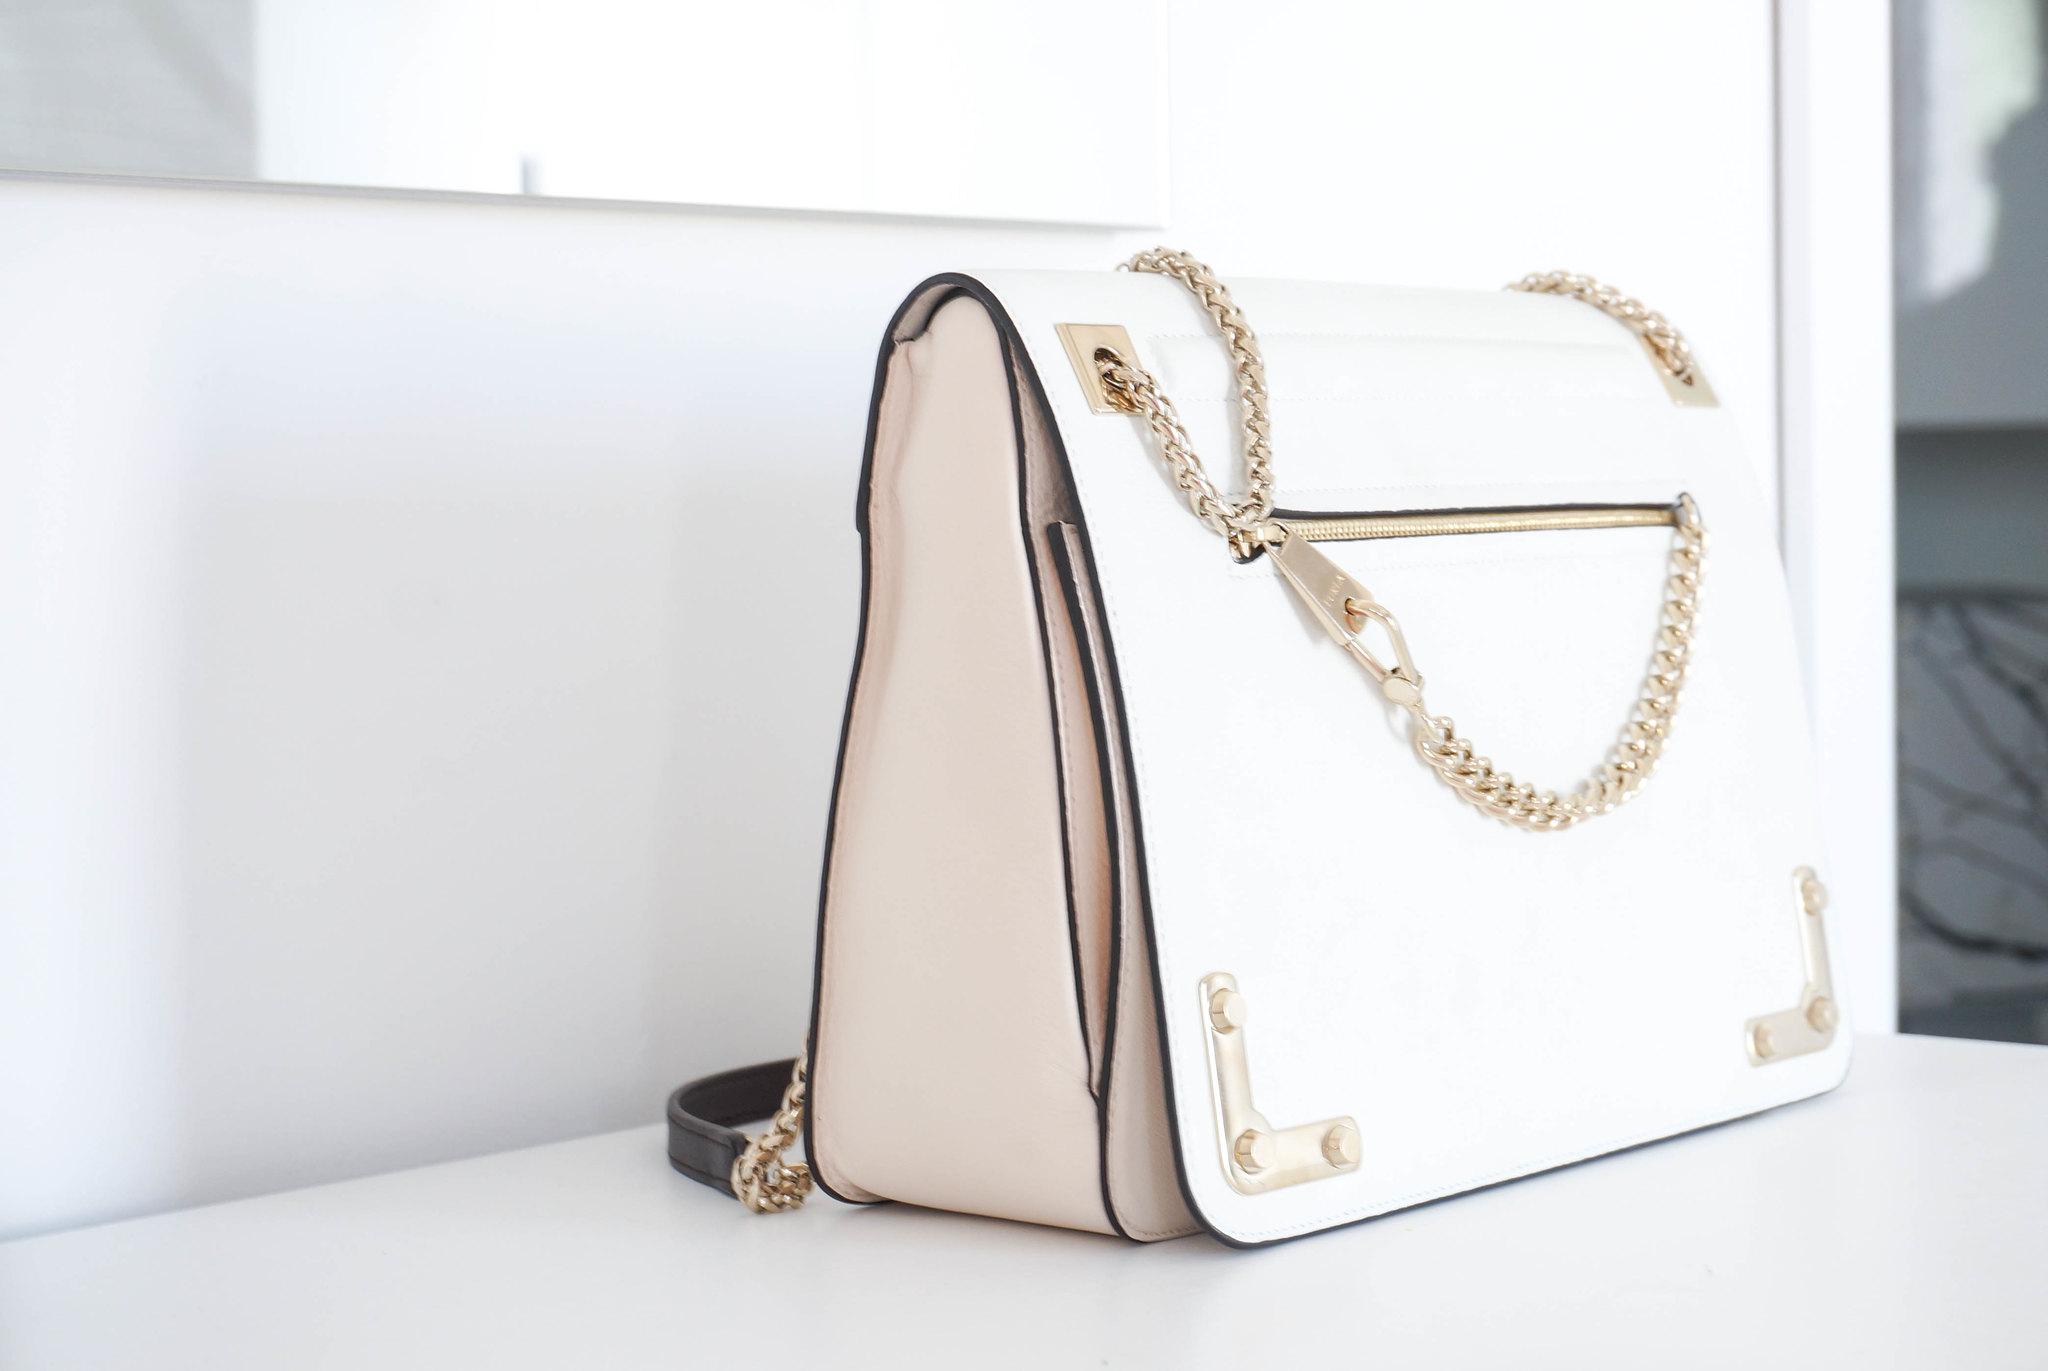 furla-diana-handbag (3)